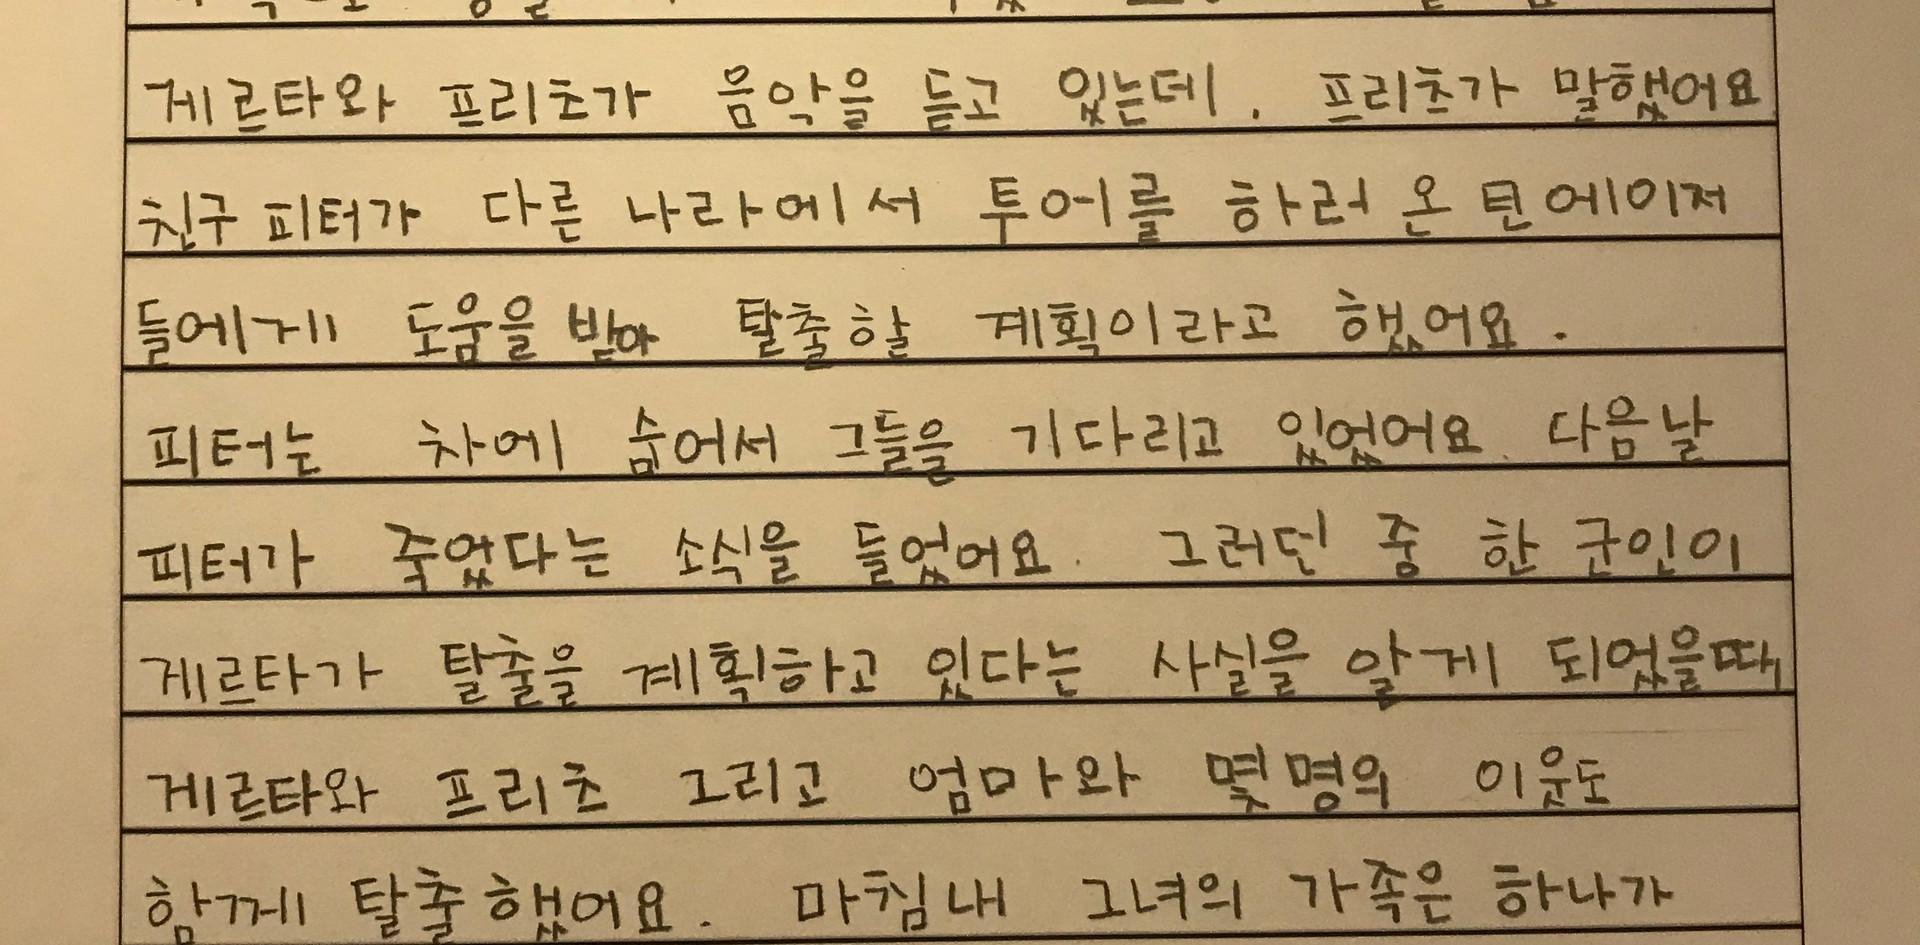 고급1노수아_글쓰기대회원고pg.3.jpg